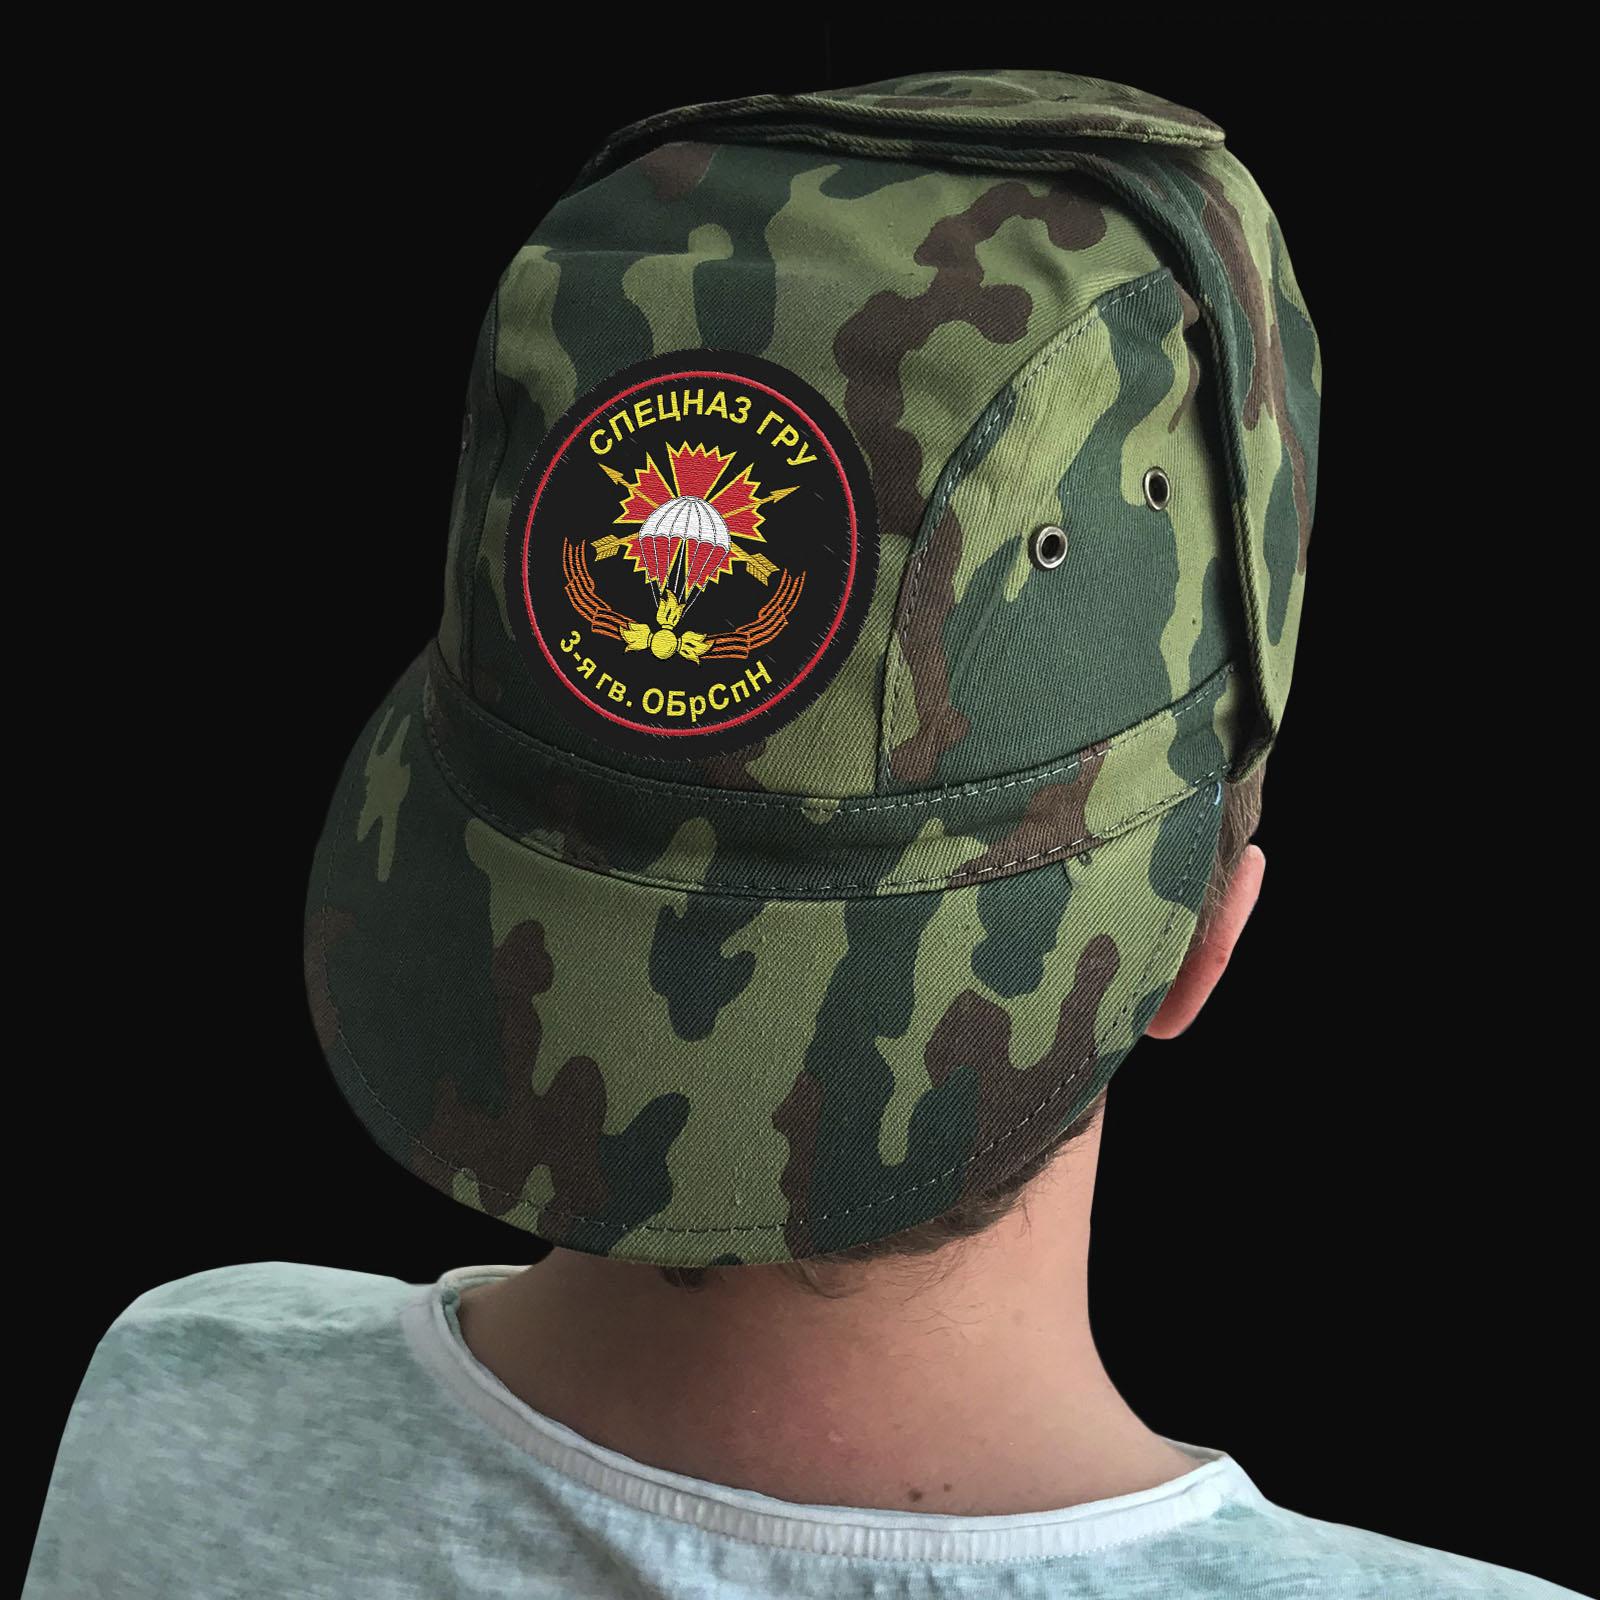 Мужская одежда и аксессуары в дизайне Спецназа ГРУ – наличие